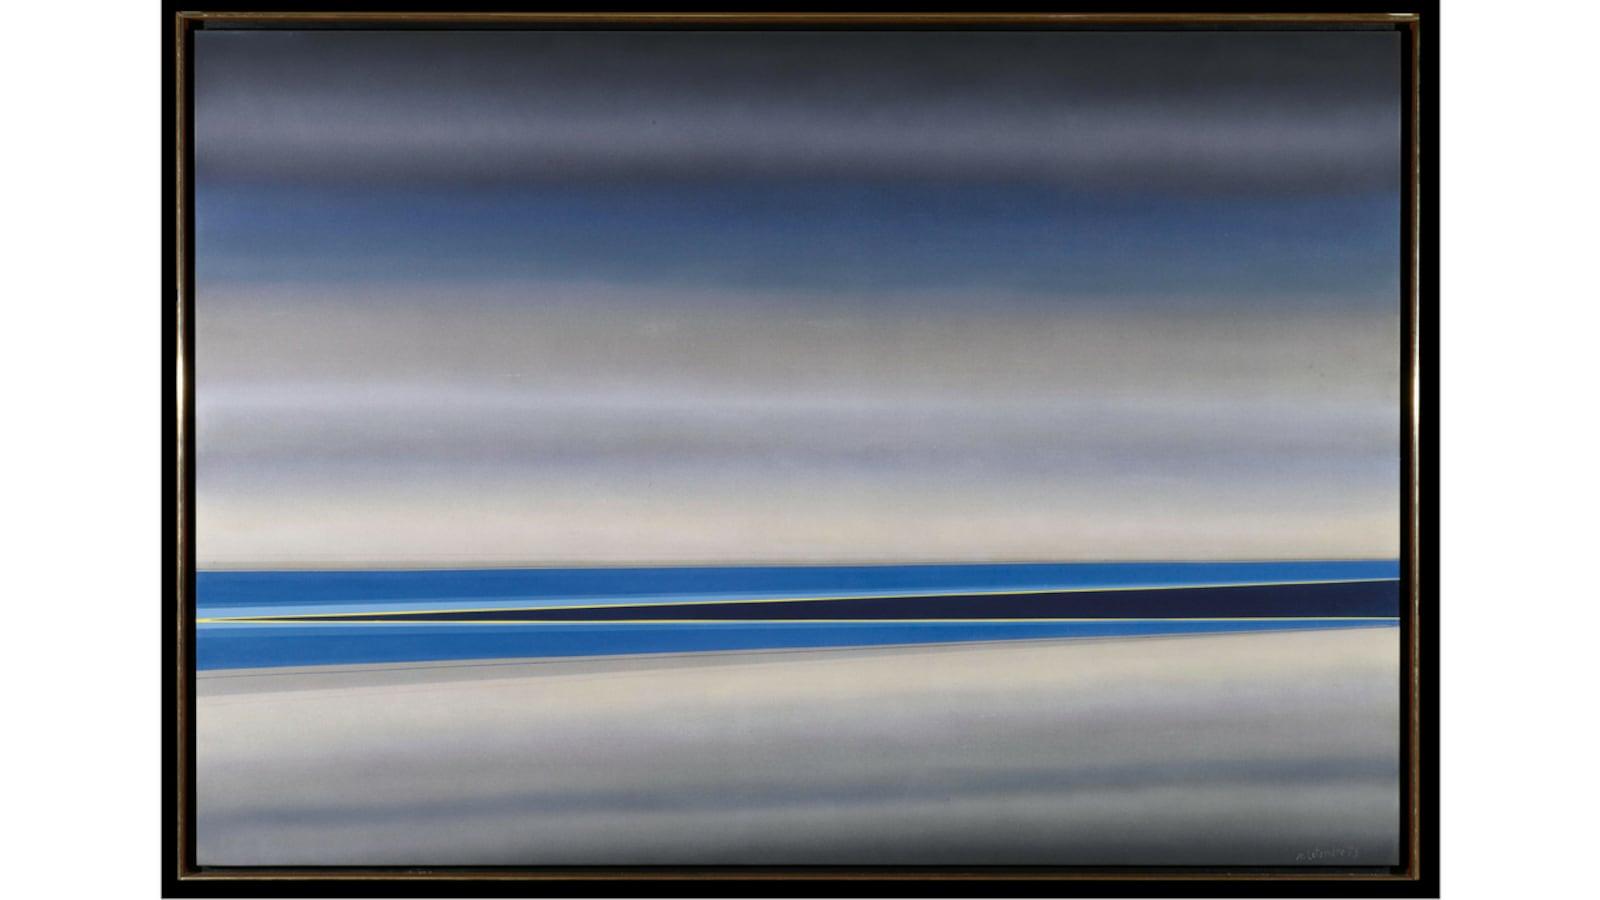 Tableau dans les teintes de gris et de bleu